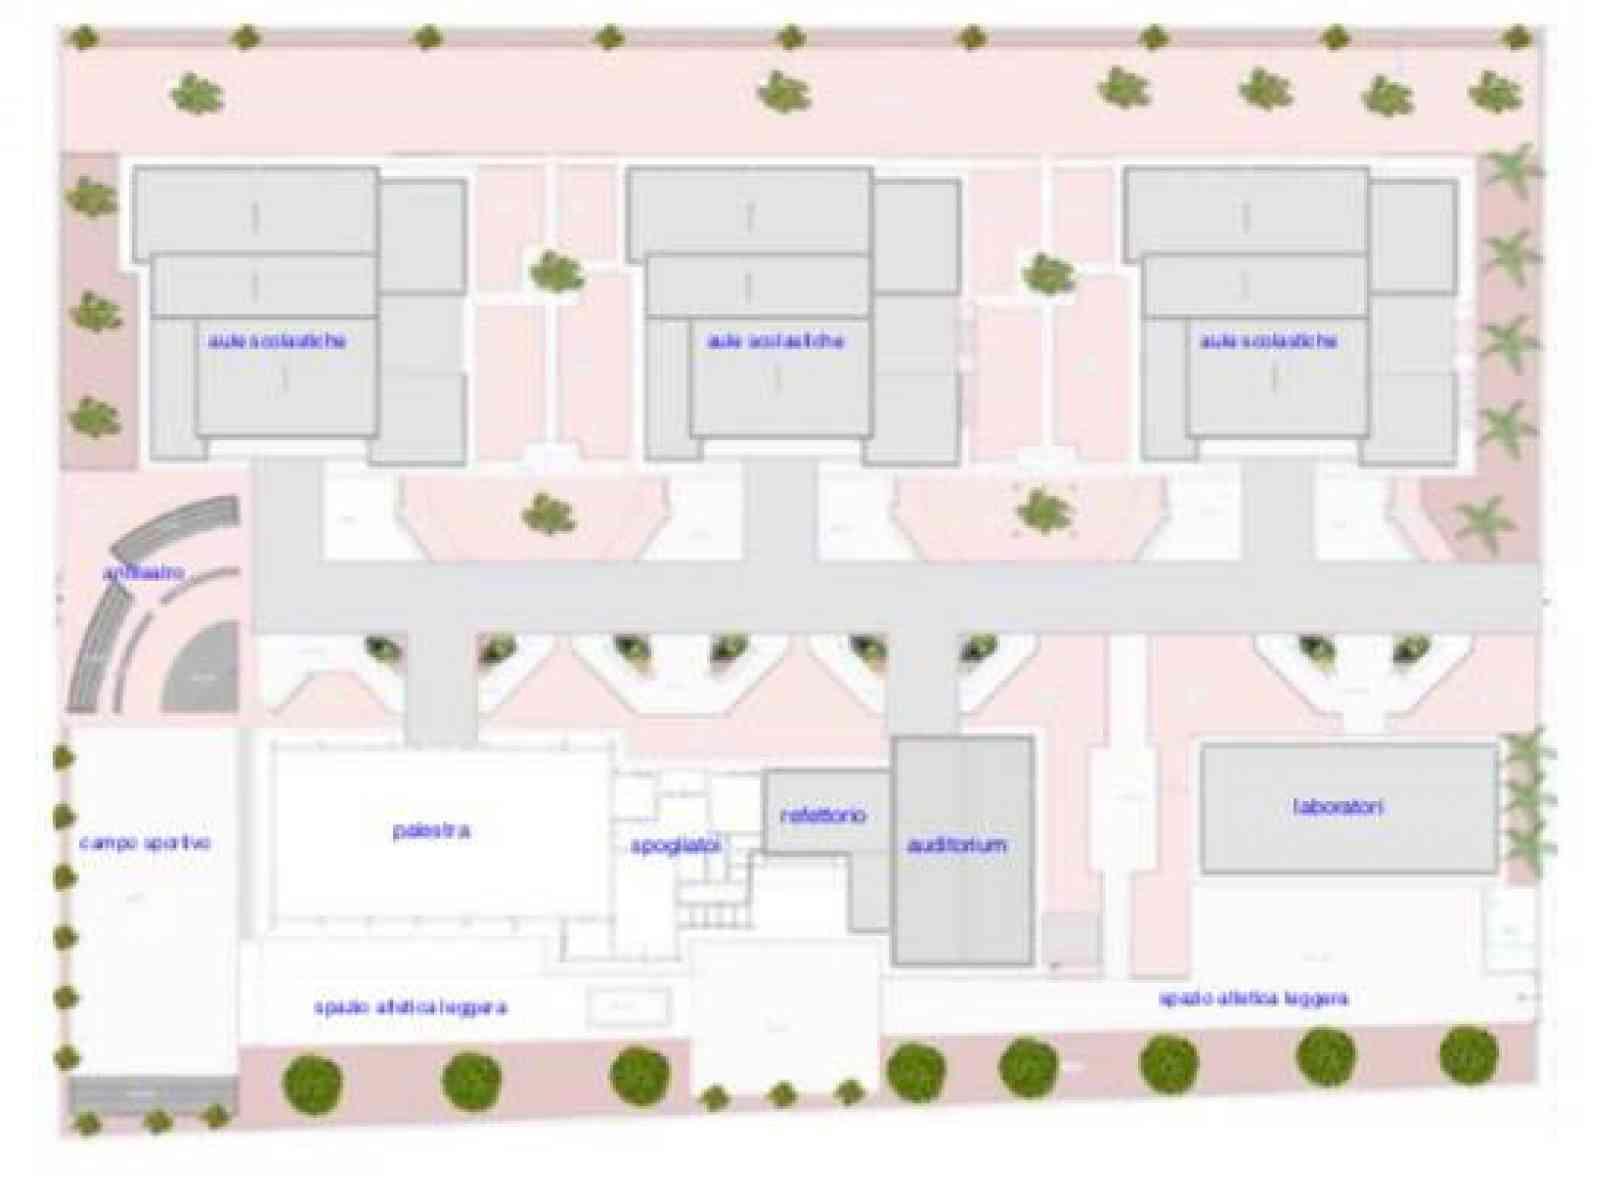 Menfi. 1,5milioni di euro per il rinnovamento della scuola L.Radice